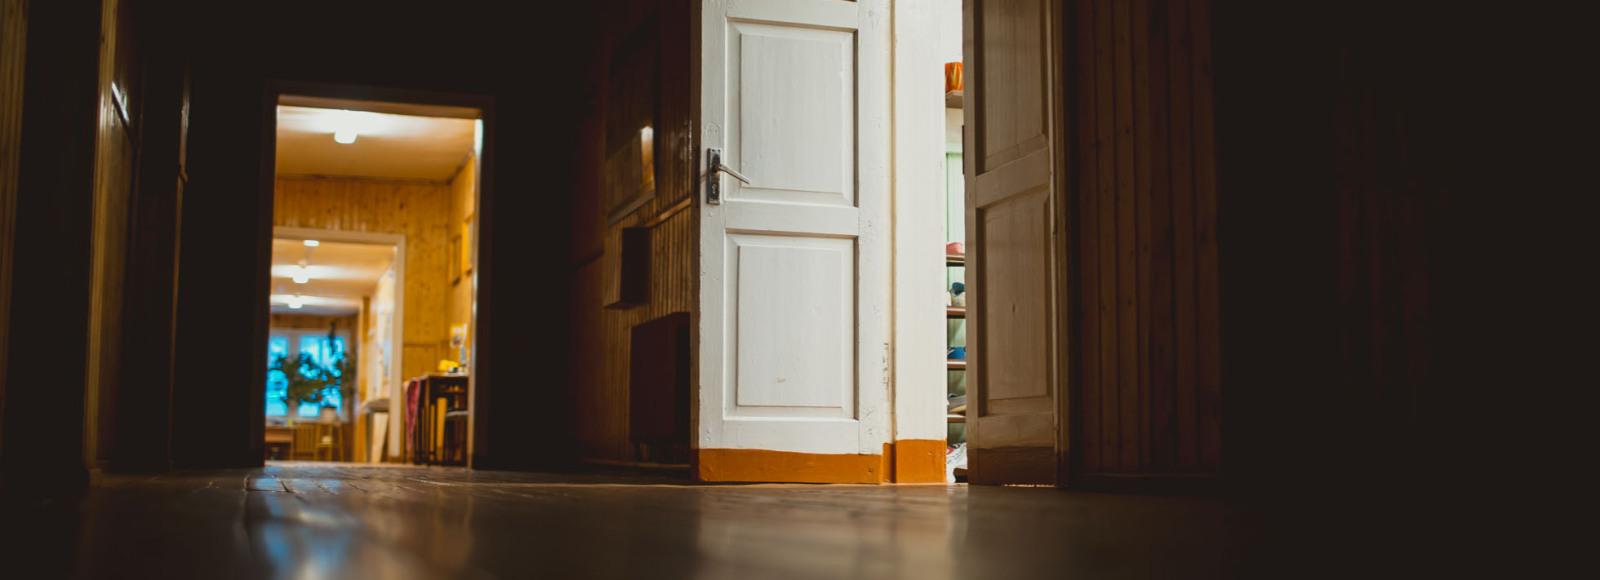 Двери школы всегда открыты